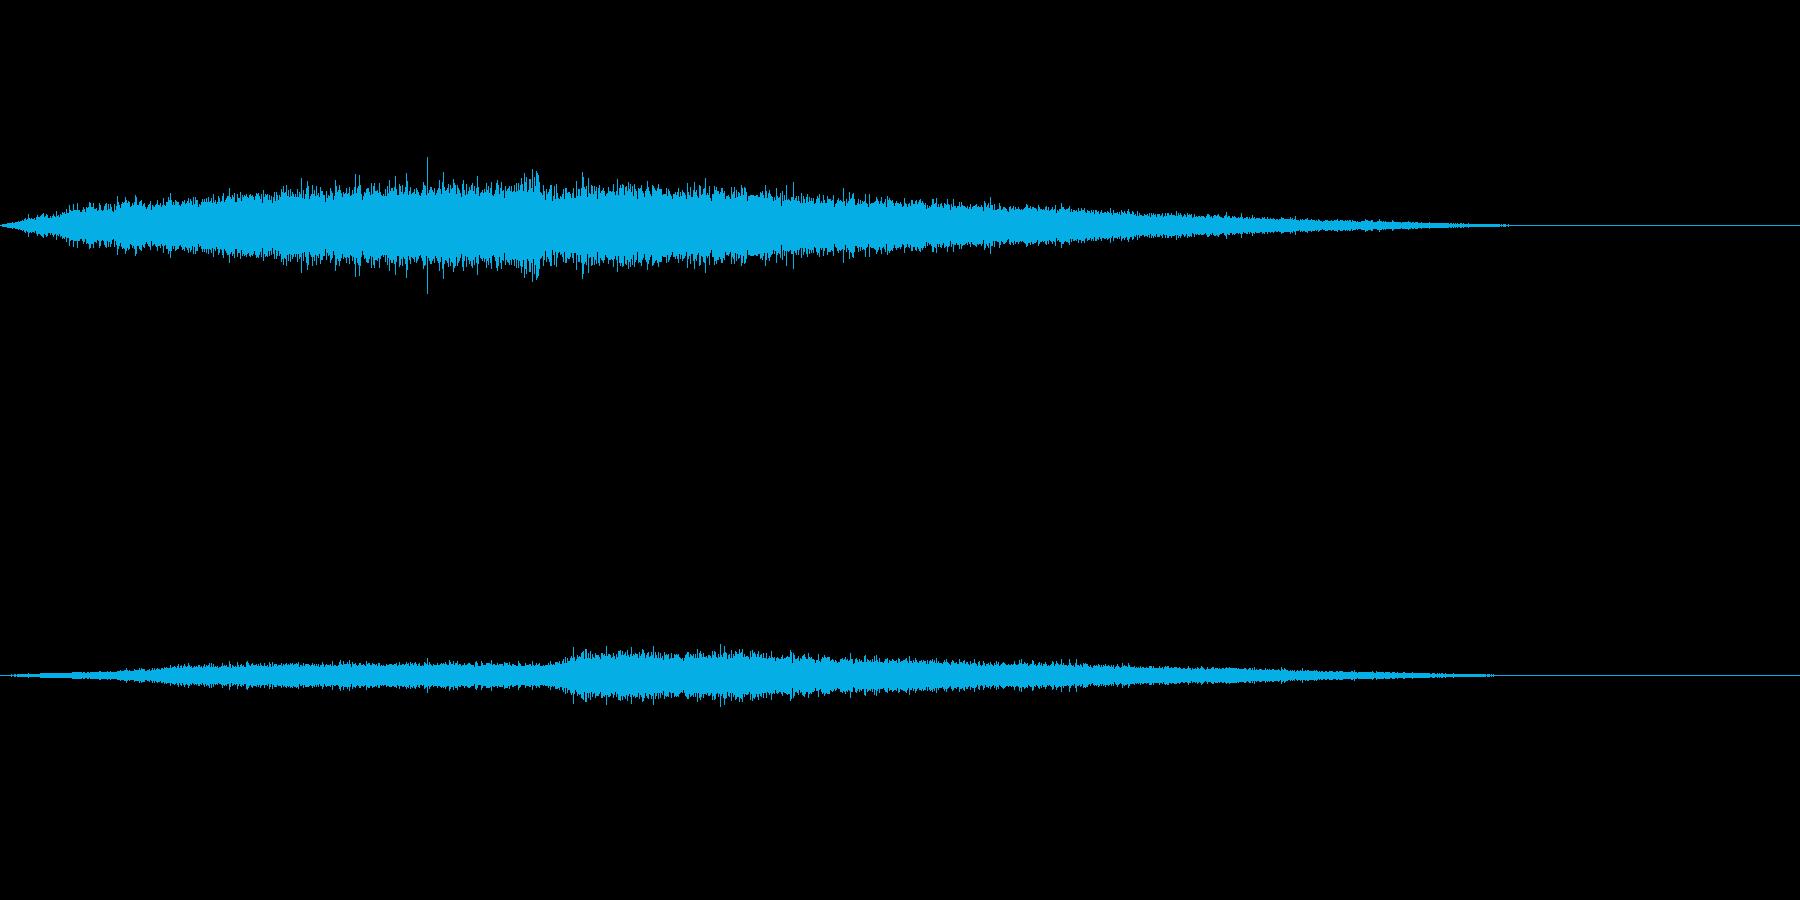 ジュワワワ~ 唐揚げ お肉を焼く音の再生済みの波形